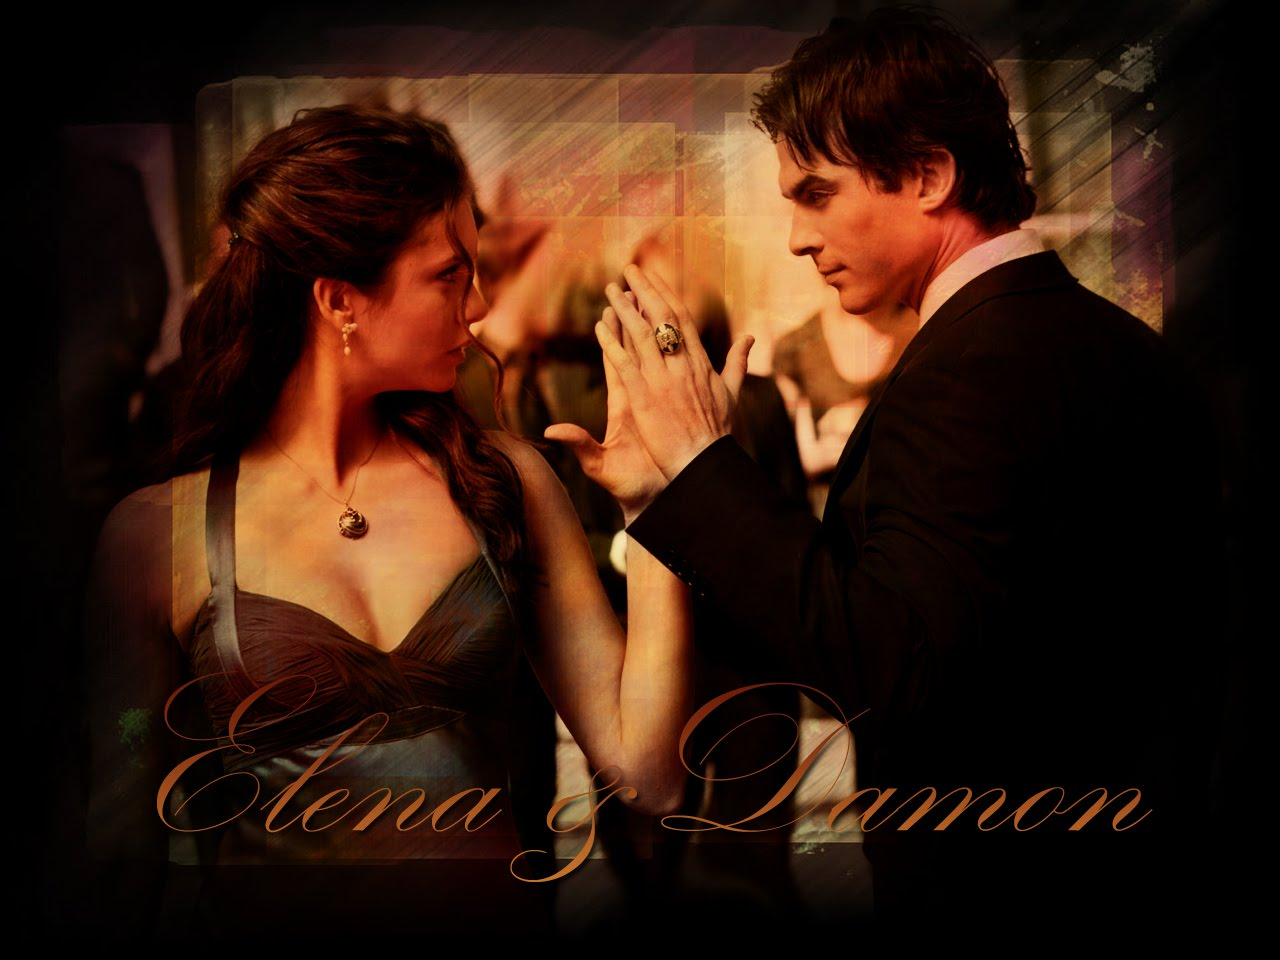 http://4.bp.blogspot.com/_8MHB-eIH-tw/THj720h-SLI/AAAAAAAAY-U/NQiEFVFFjts/s1600/Damon-and-Elena-Wallpaper-the-vampire-diaries-tv-show-11671642-1280-960.jpg